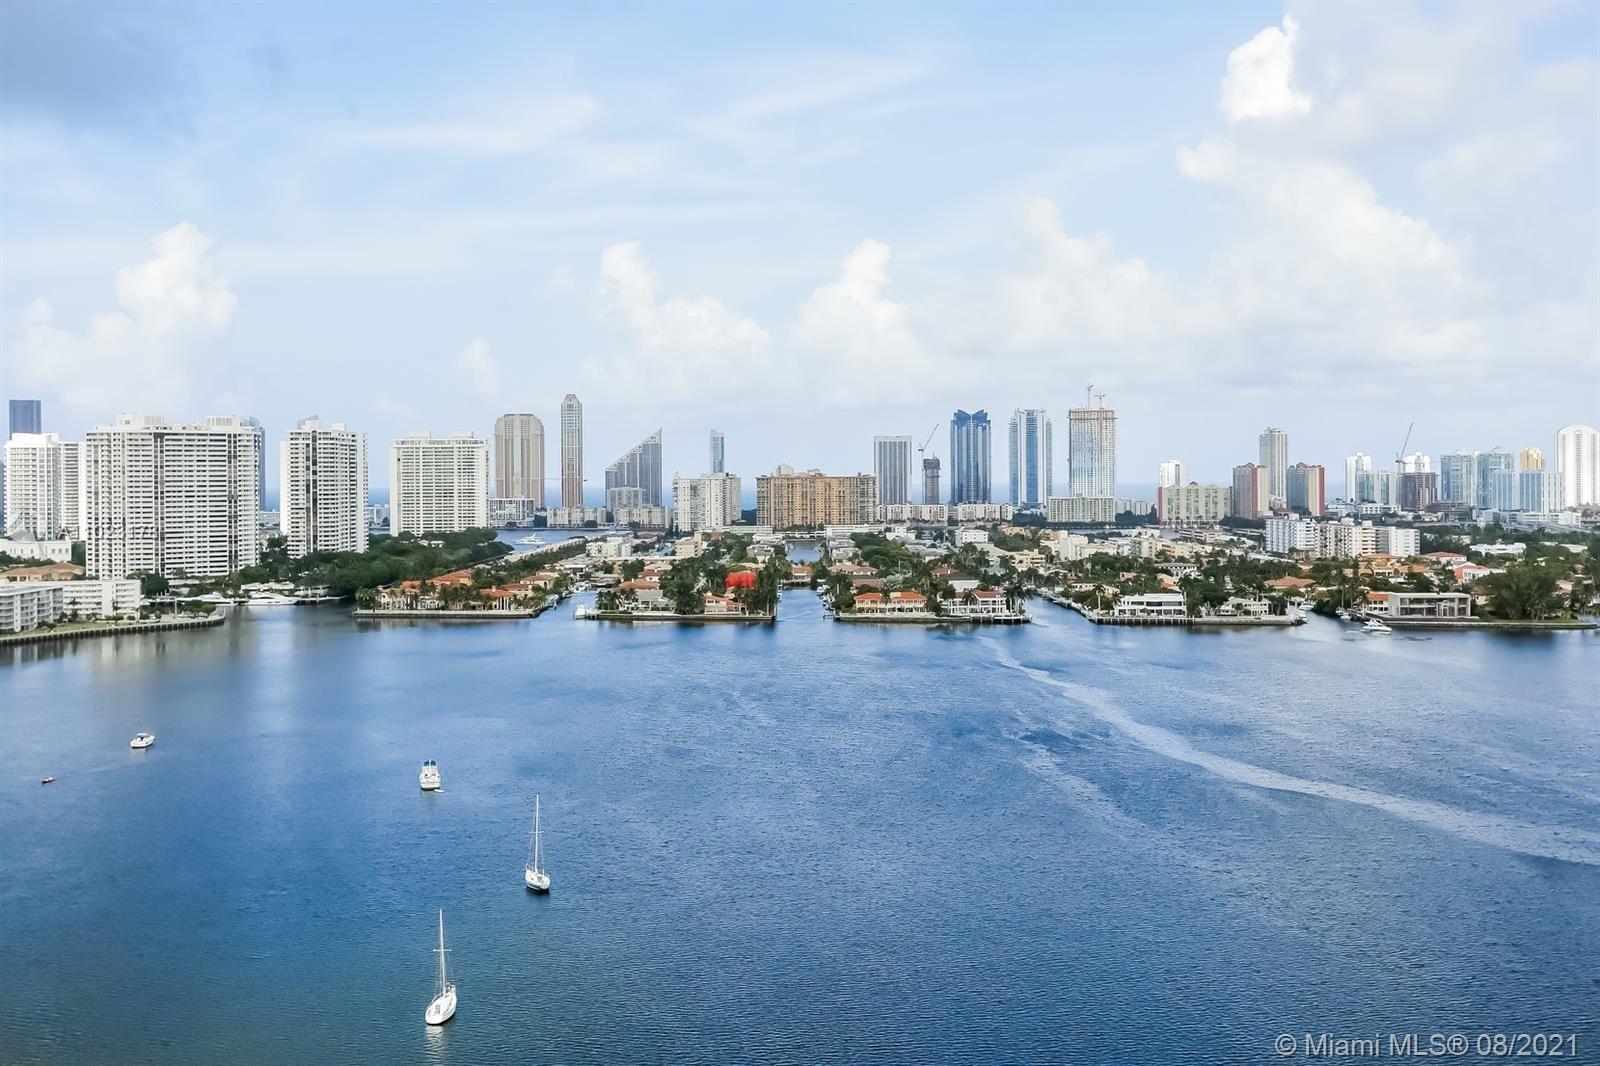 17301 Biscayne Blvd #2111, North Miami Beach, FL 33160 - #: A11023178